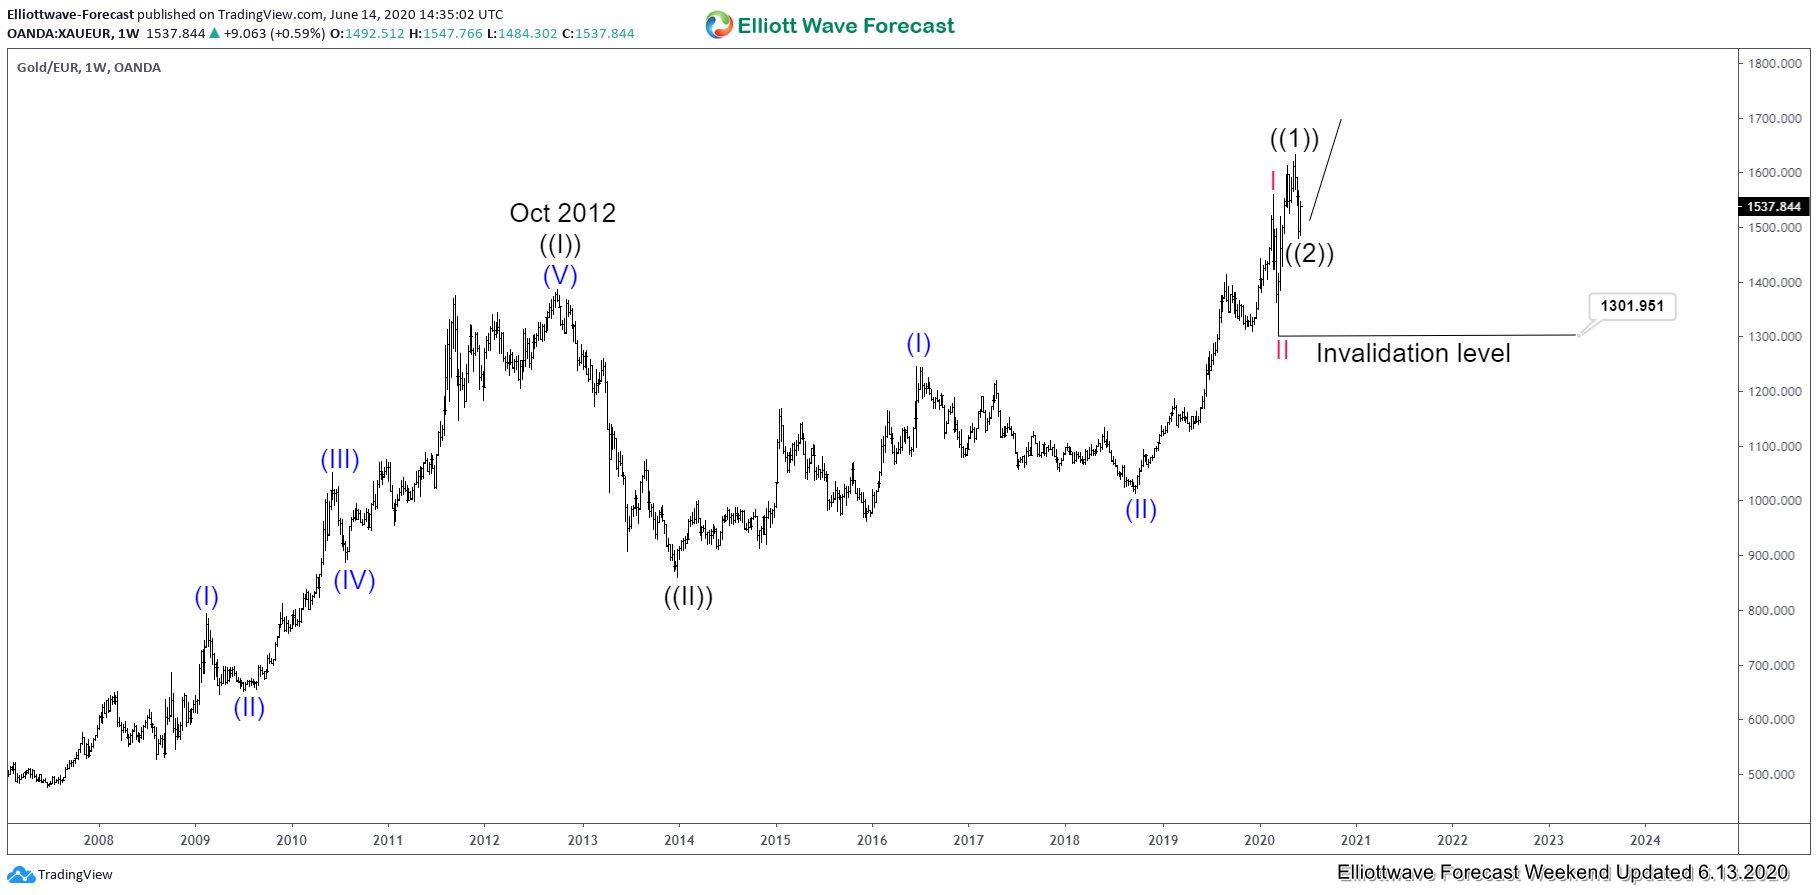 XAUEUR Weekly Elliott Wave Chart